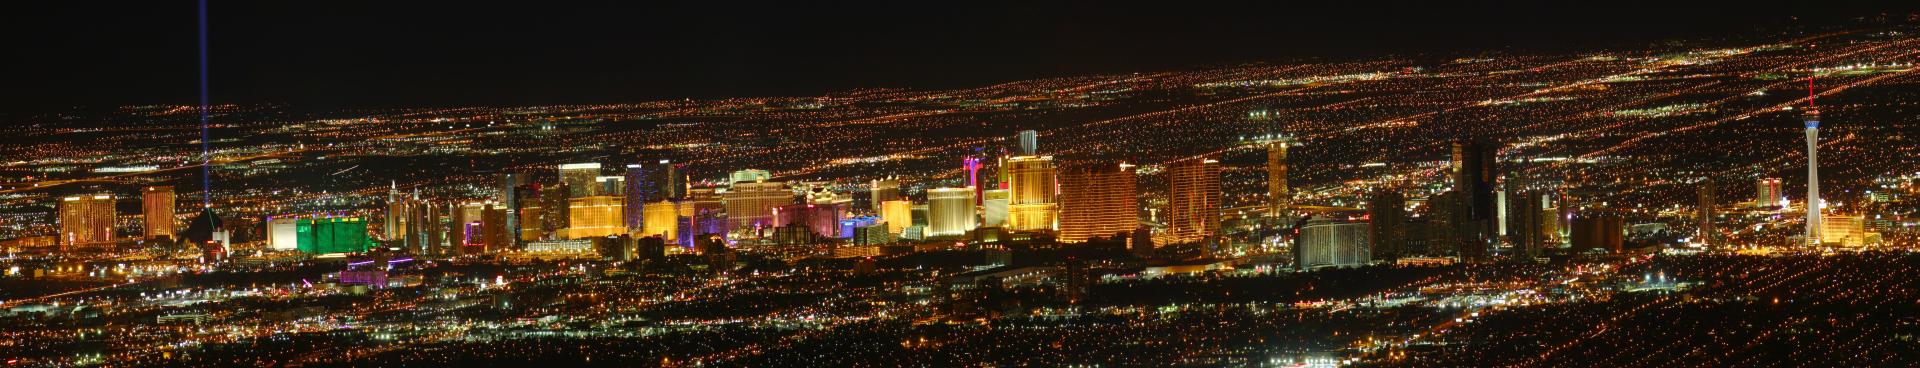 Las Vegas panoramic resized